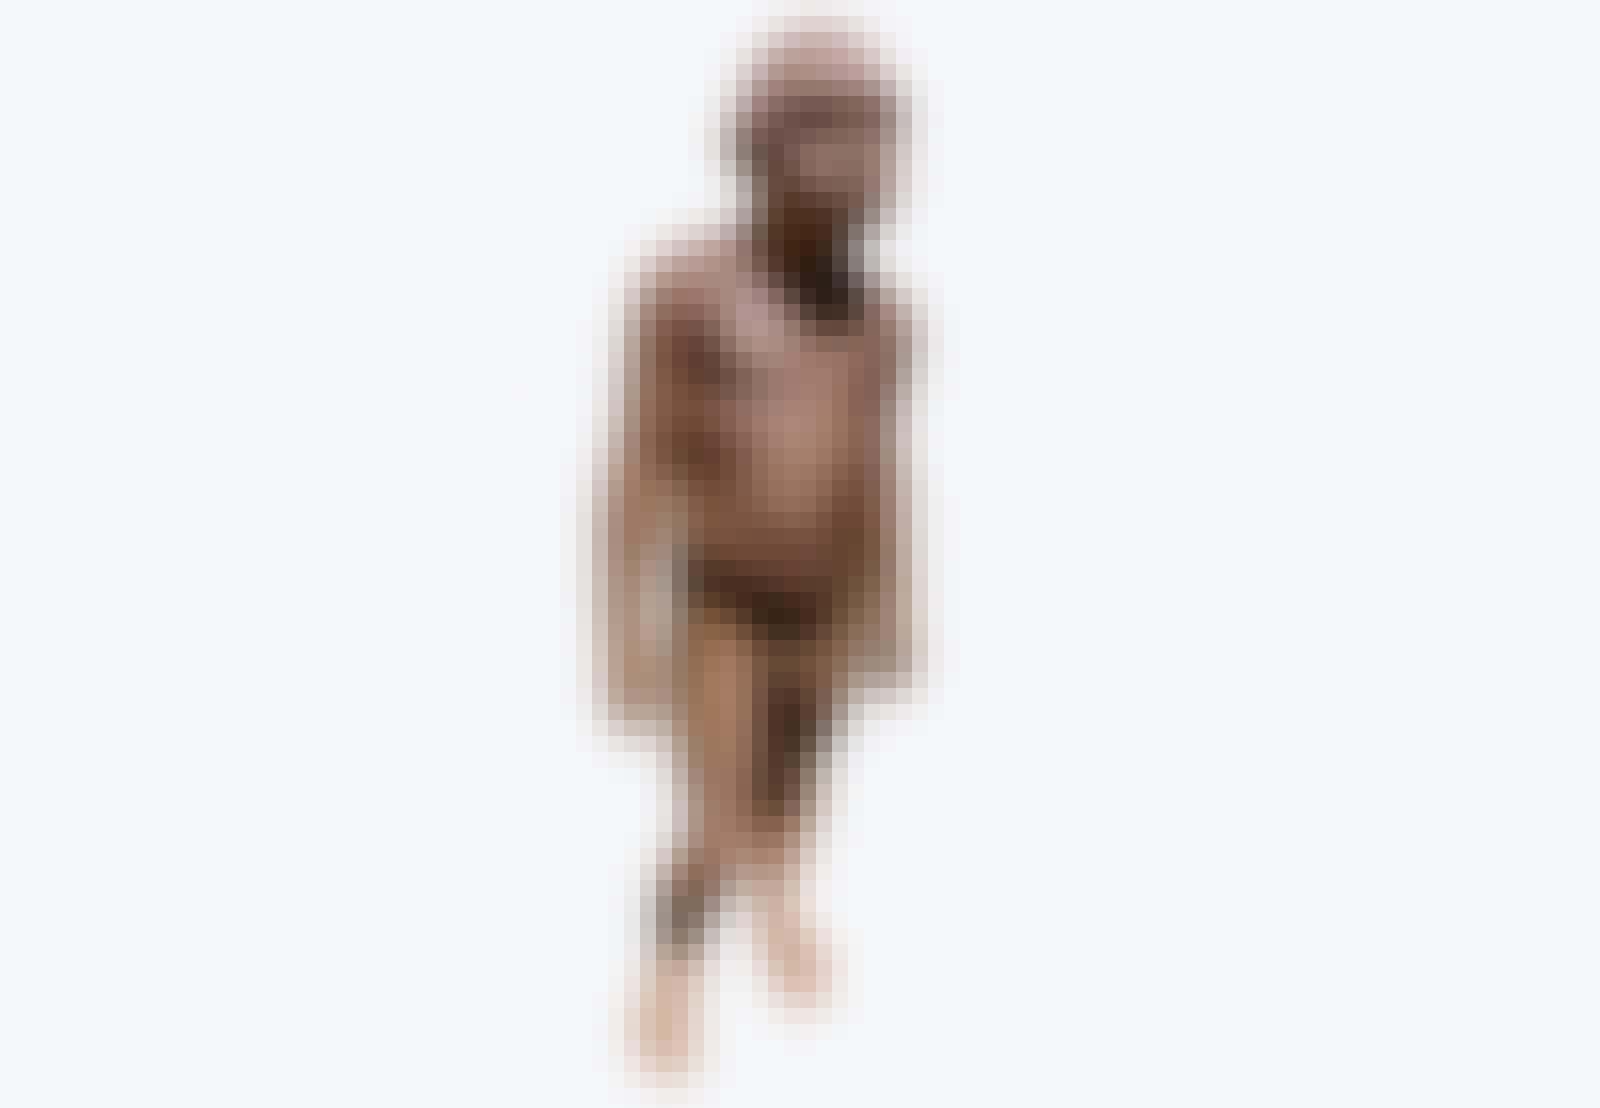 Homo antecessor hade ett platt och relativt litet ansikte.